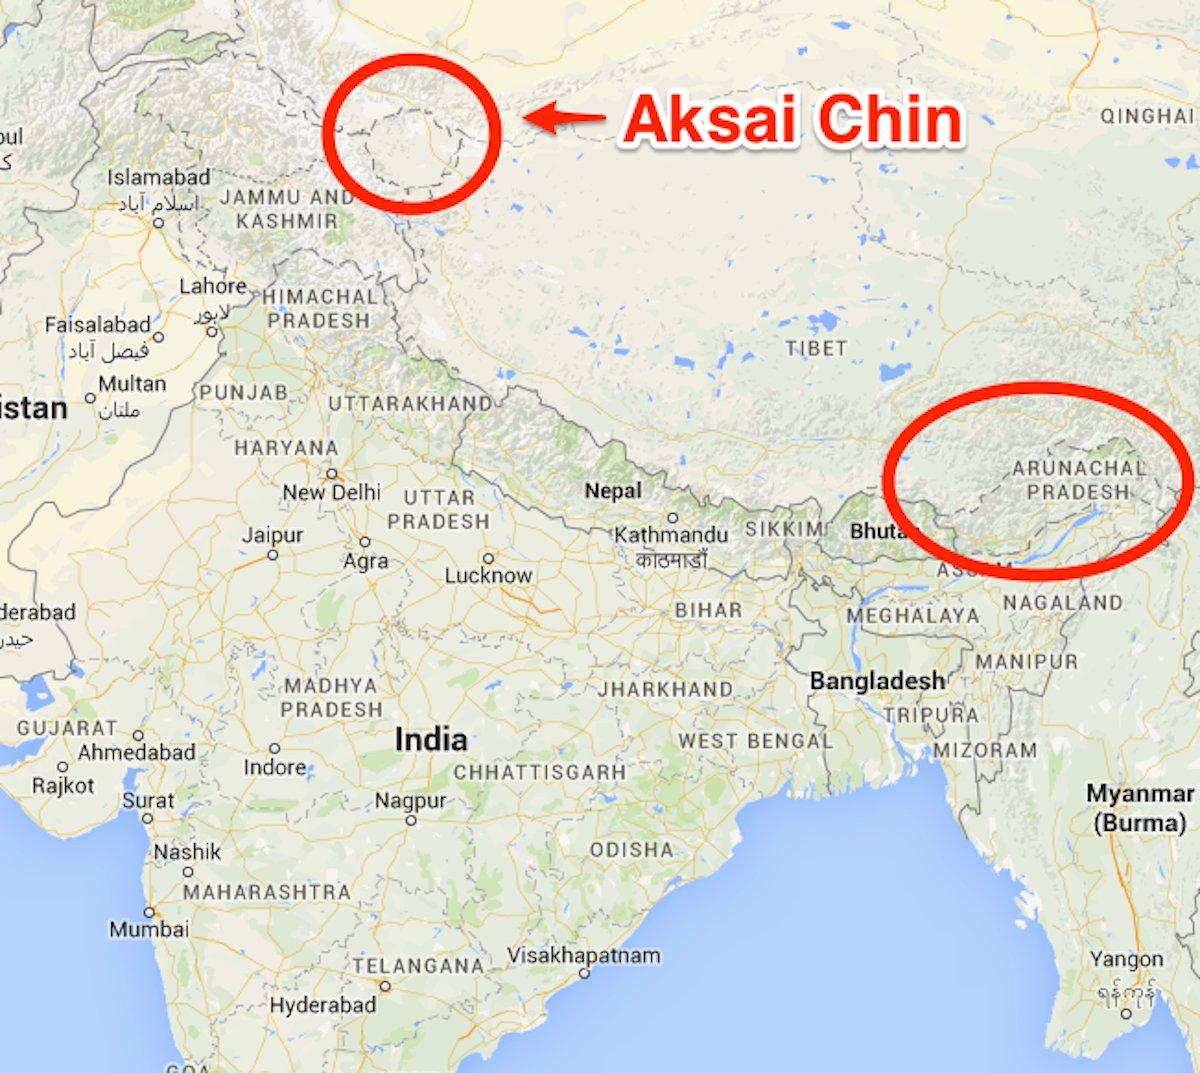 Xiaomi intra În dispută politică dintre India și China din greșeală, provoacă furia publicului chinez